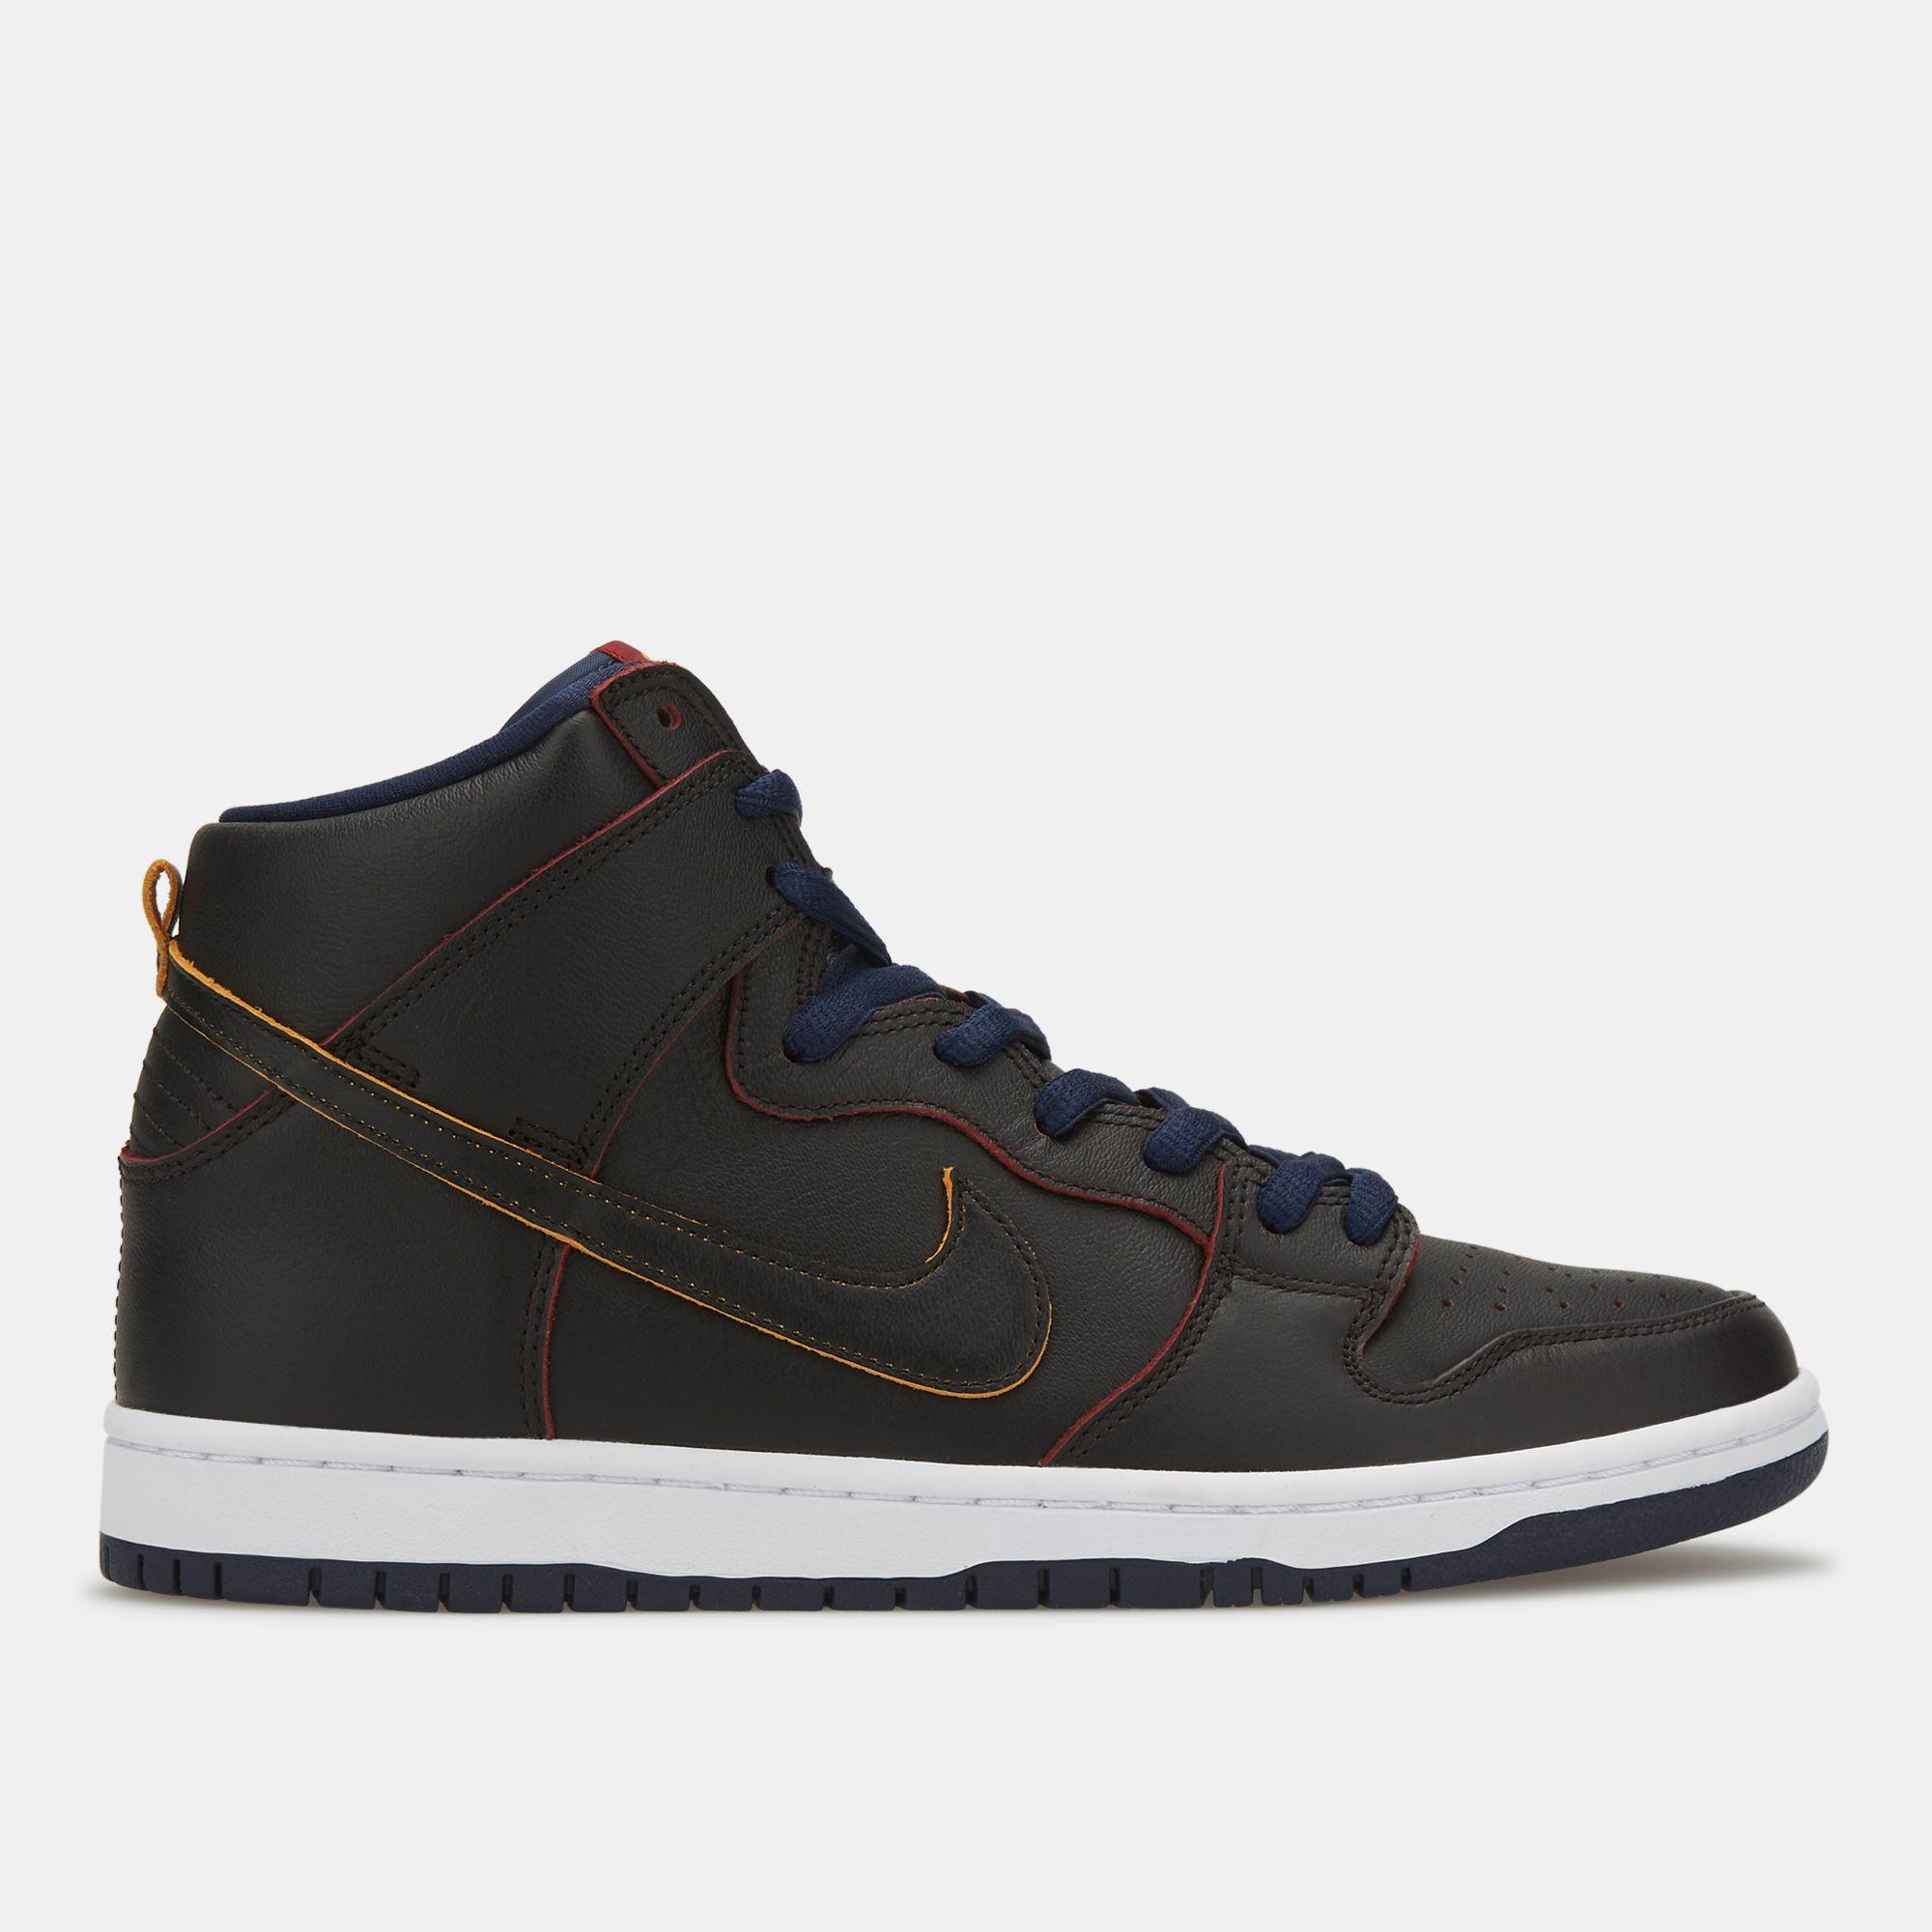 c53148fac9c76 Nike Men's SB x NBA Dunk High Pro Shoe | Shoes | Nike | Brands | SSS